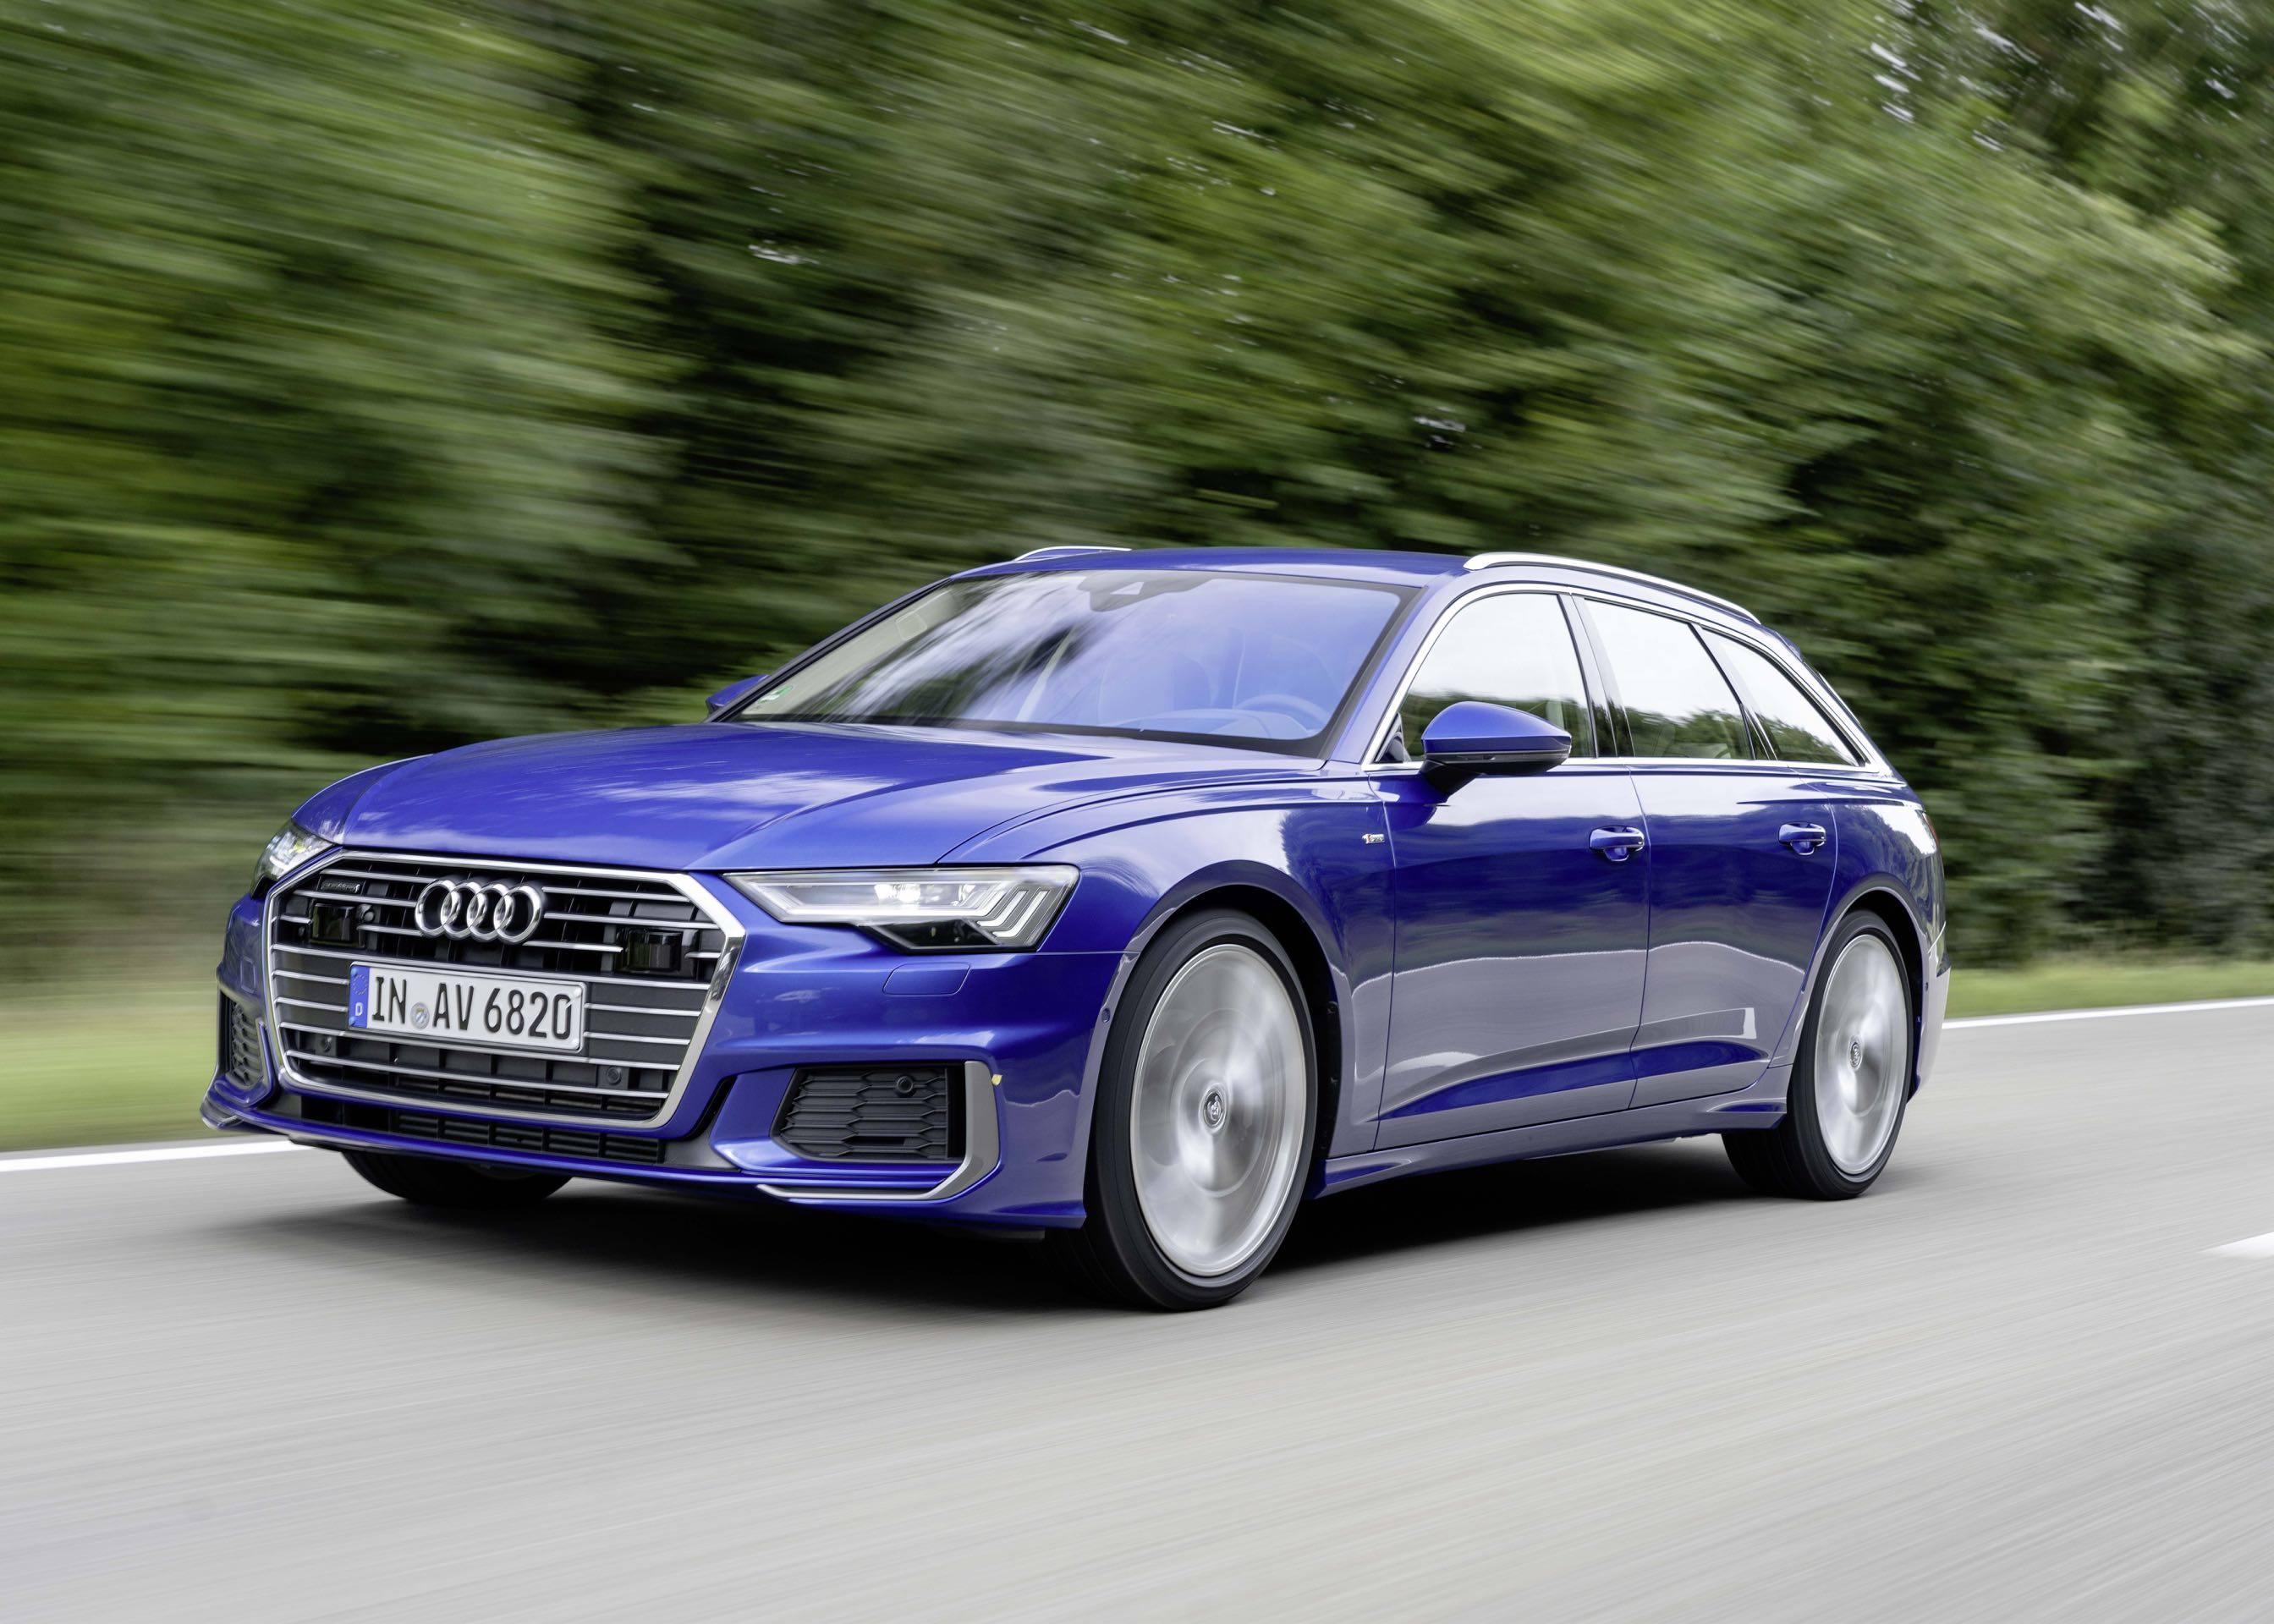 Kelebihan Audi A6 Avant 2019 Top Model Tahun Ini